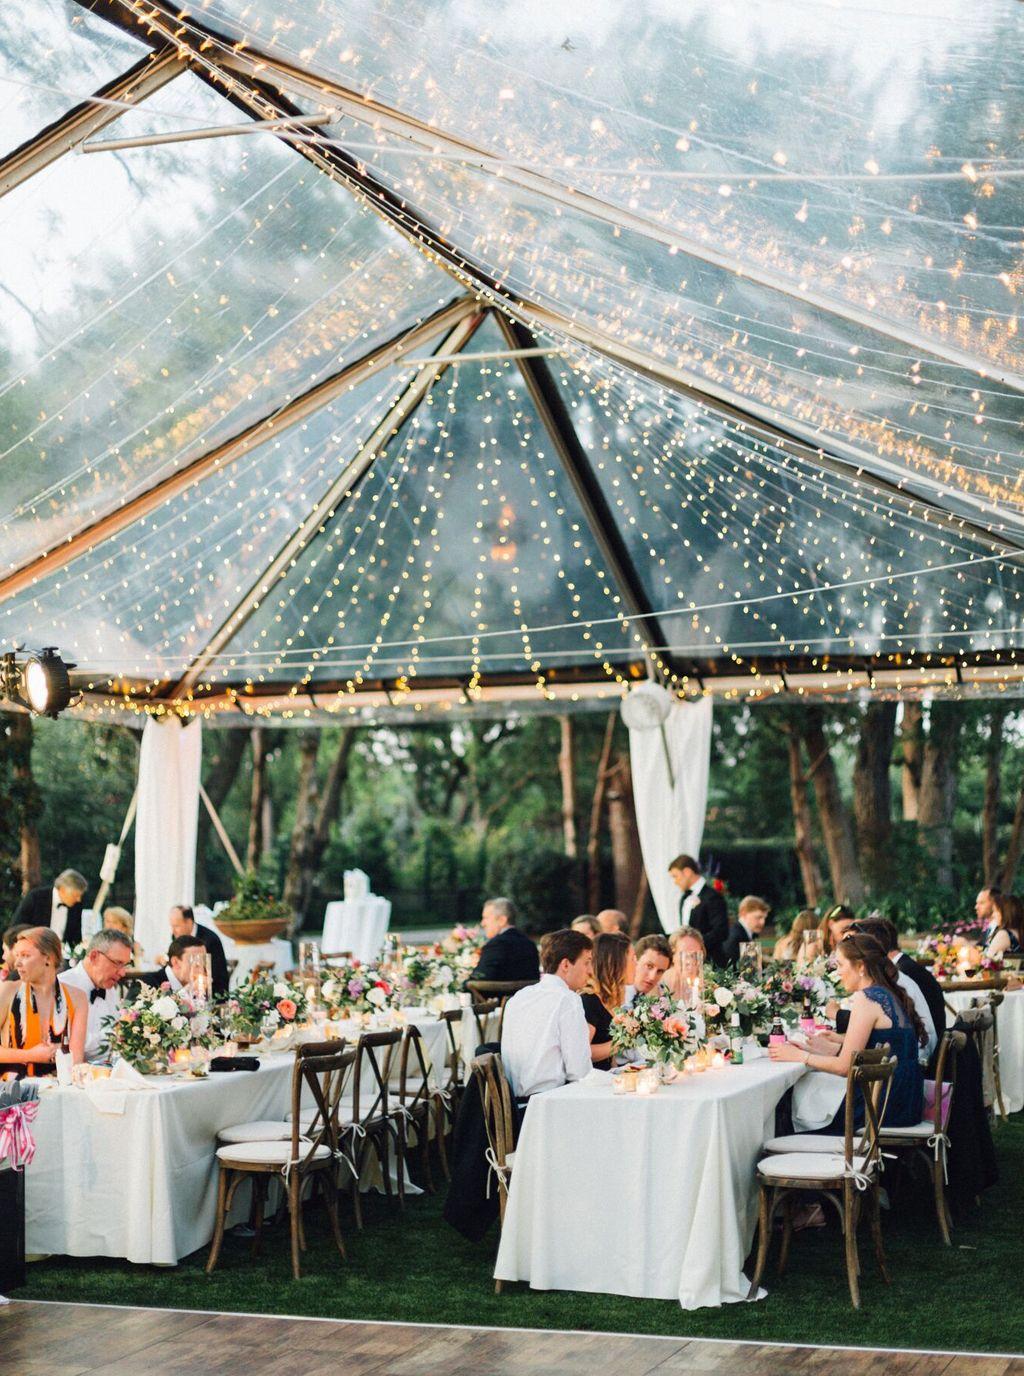 Dallas Arboretum Camp House Tented Wedding Reception Dallas